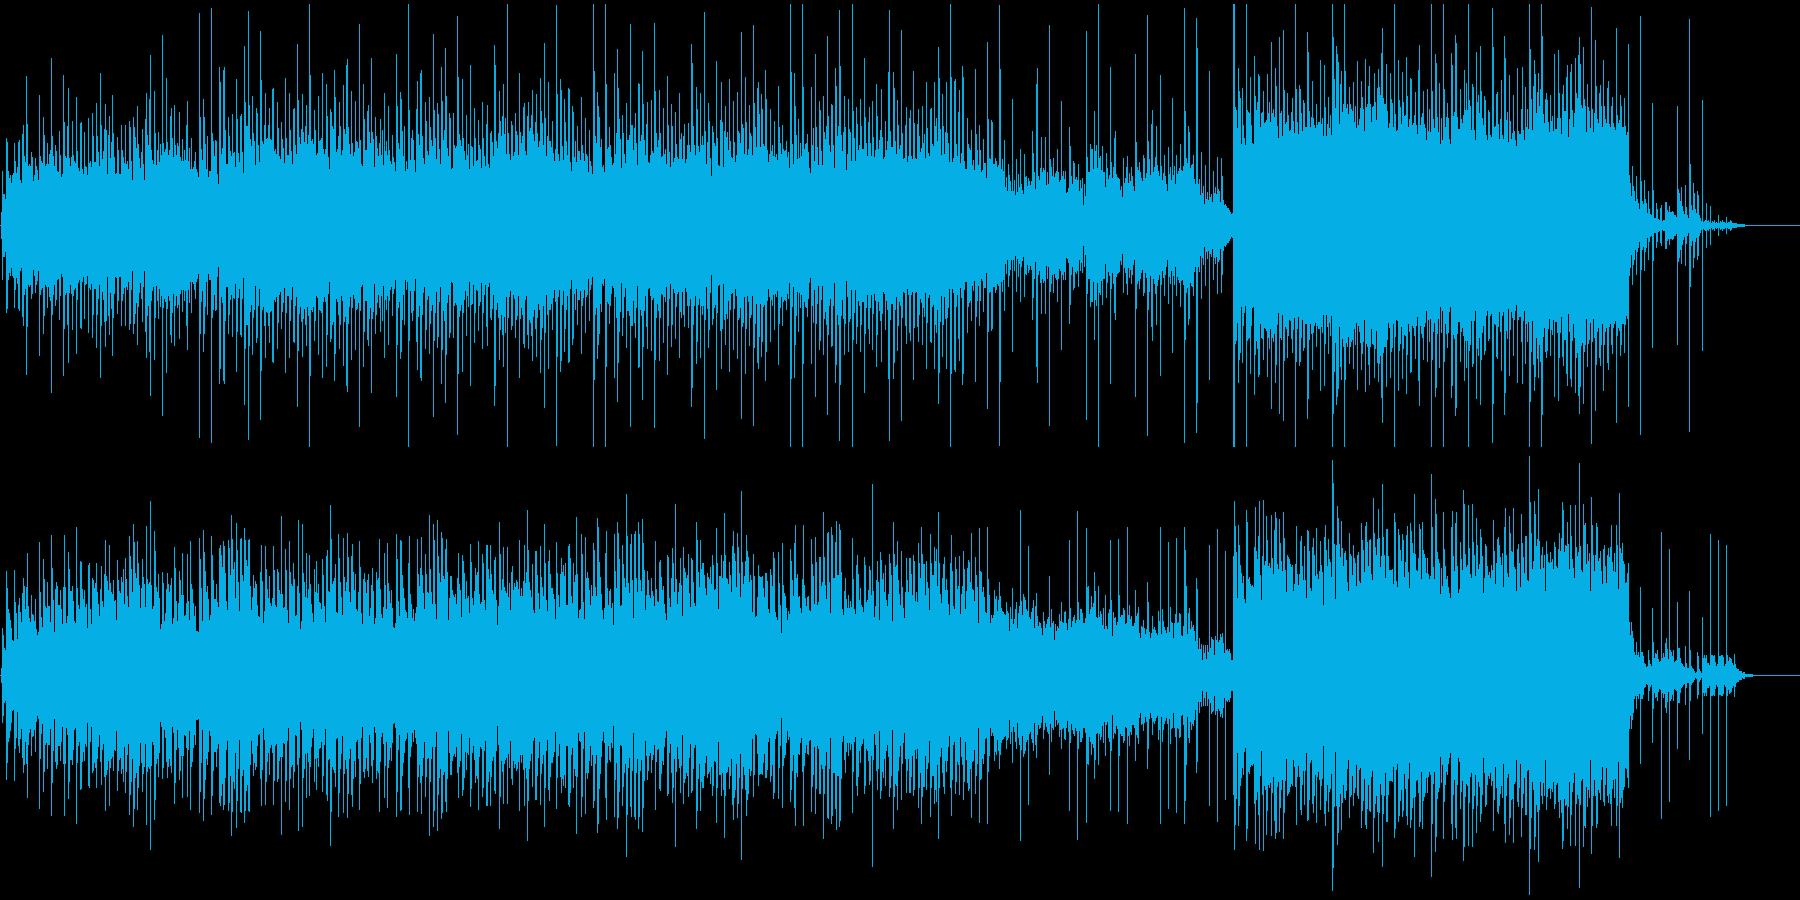 ピアノ癒しヒーリング水を連想させる透明度の再生済みの波形